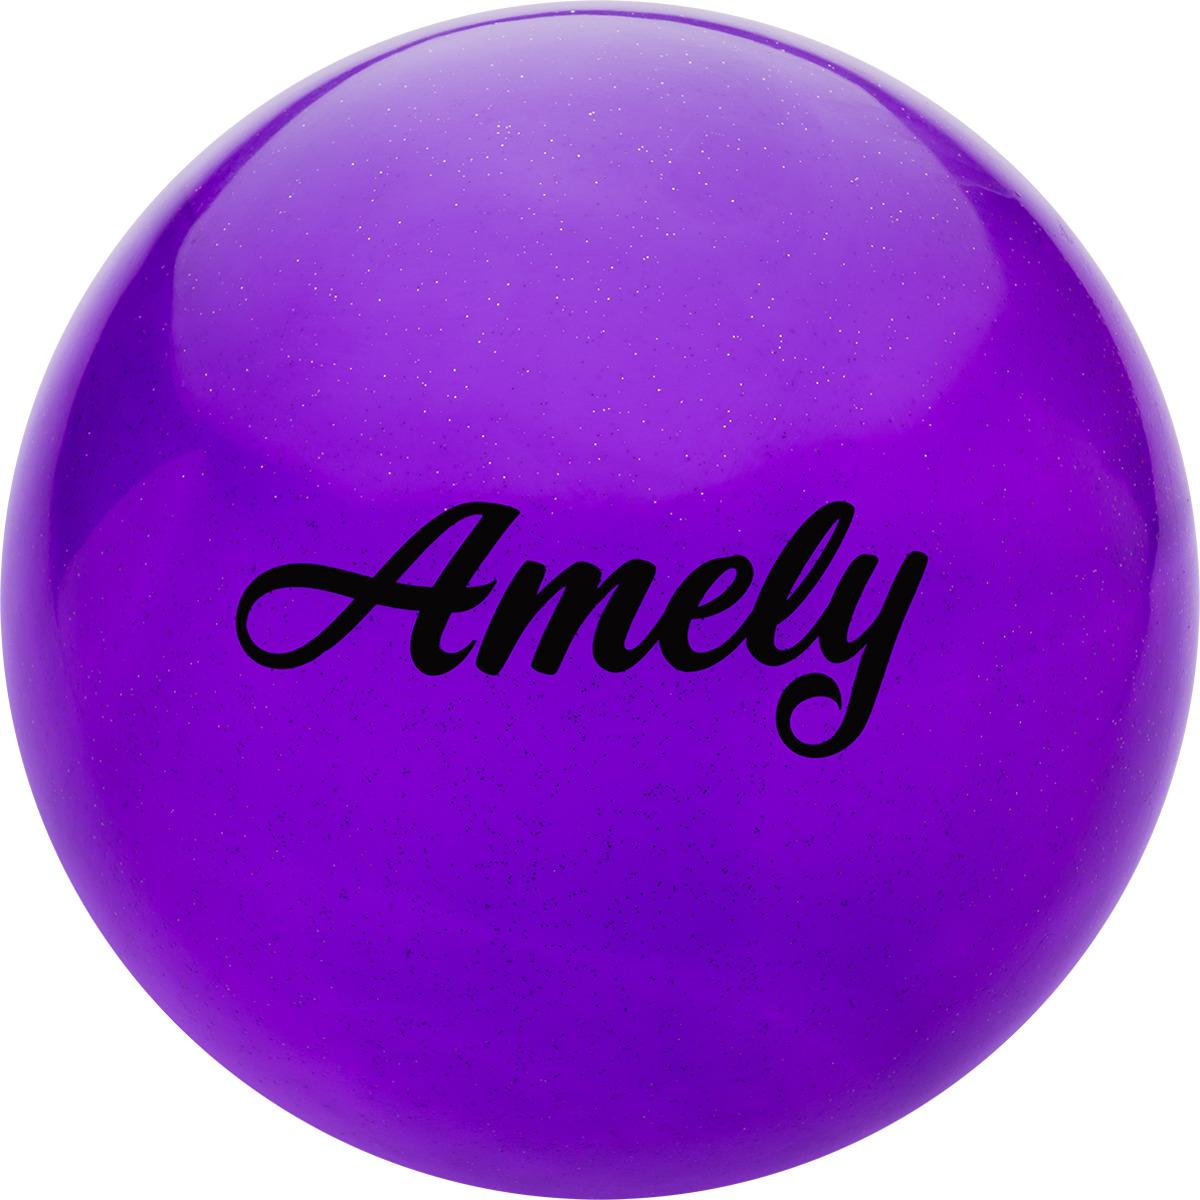 Мяч для художественной гимнастики Amely AGR-102, диаметр 15 см, цвет: фиолетовый с блестками женский купальник для художественной гимнастики черный бирюзовый с блестками